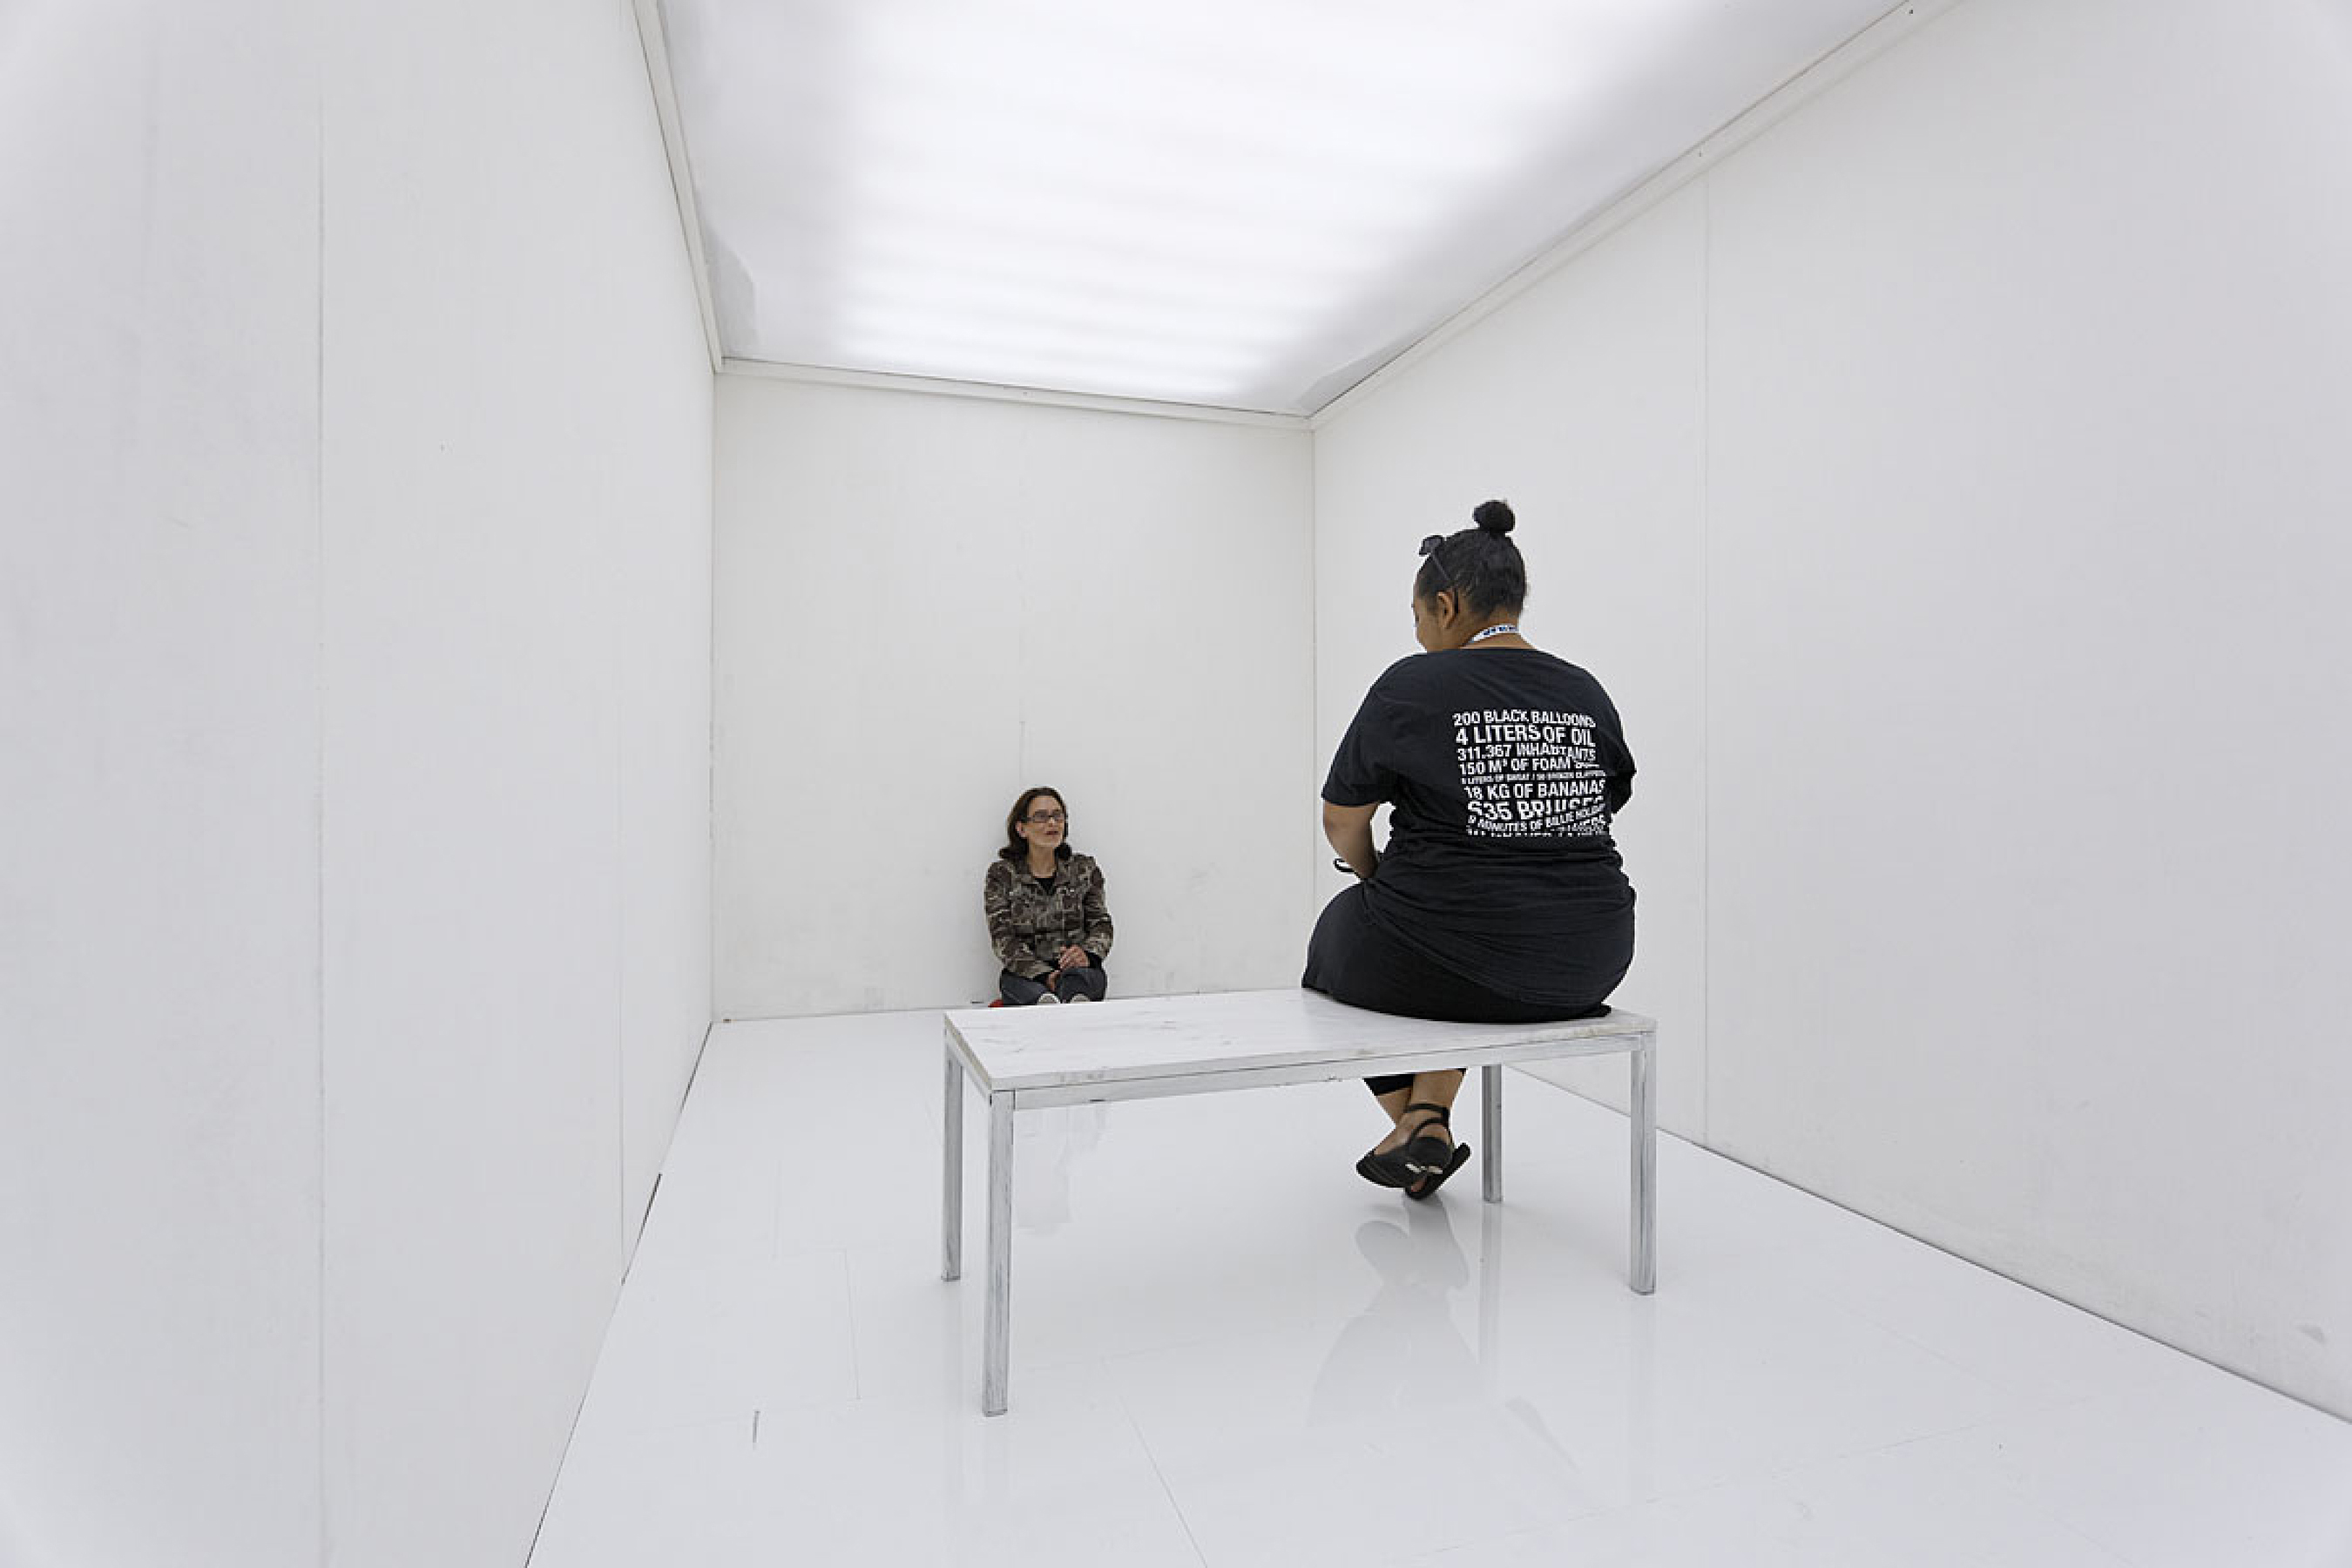 STILL (The Economy of Waiting), Julian Hetzel, SPRING Performing Arts Festival